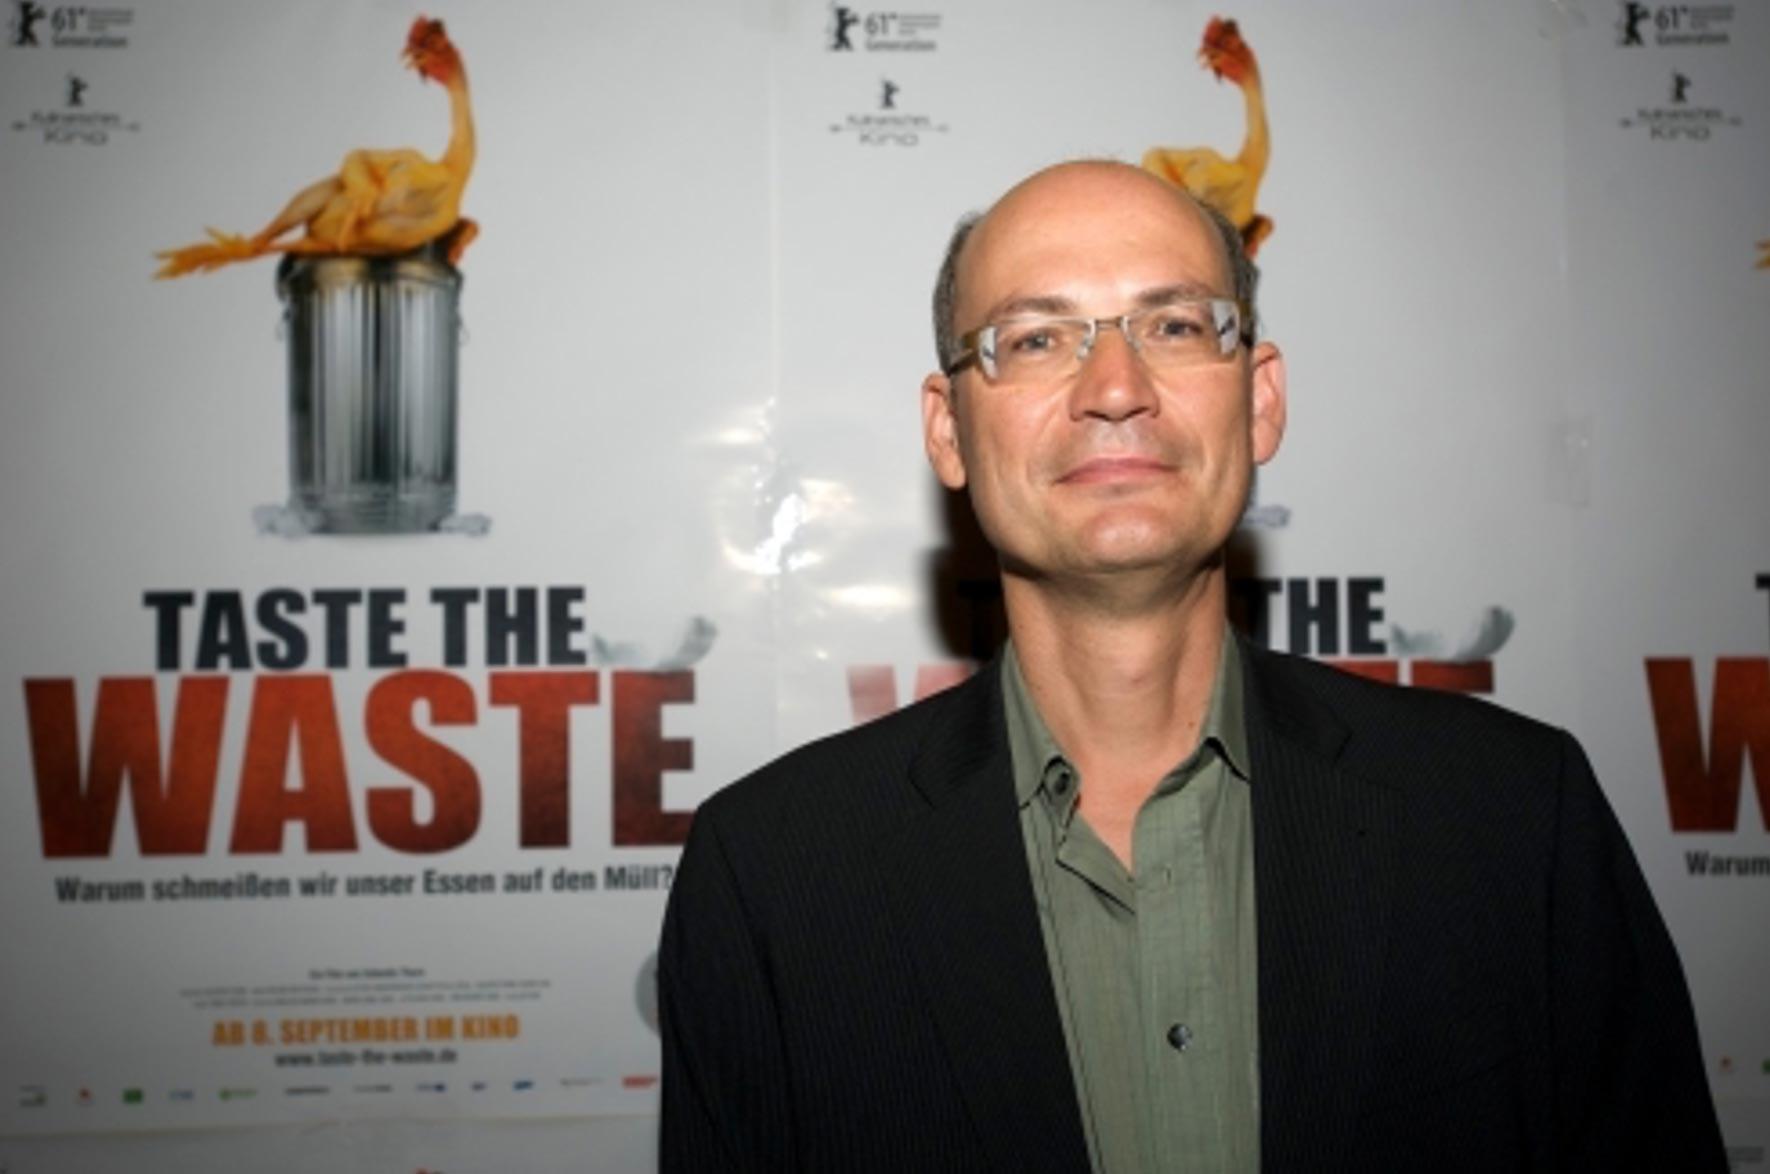 TASTE THE WASTE mit Regisseur Valentin Thurn